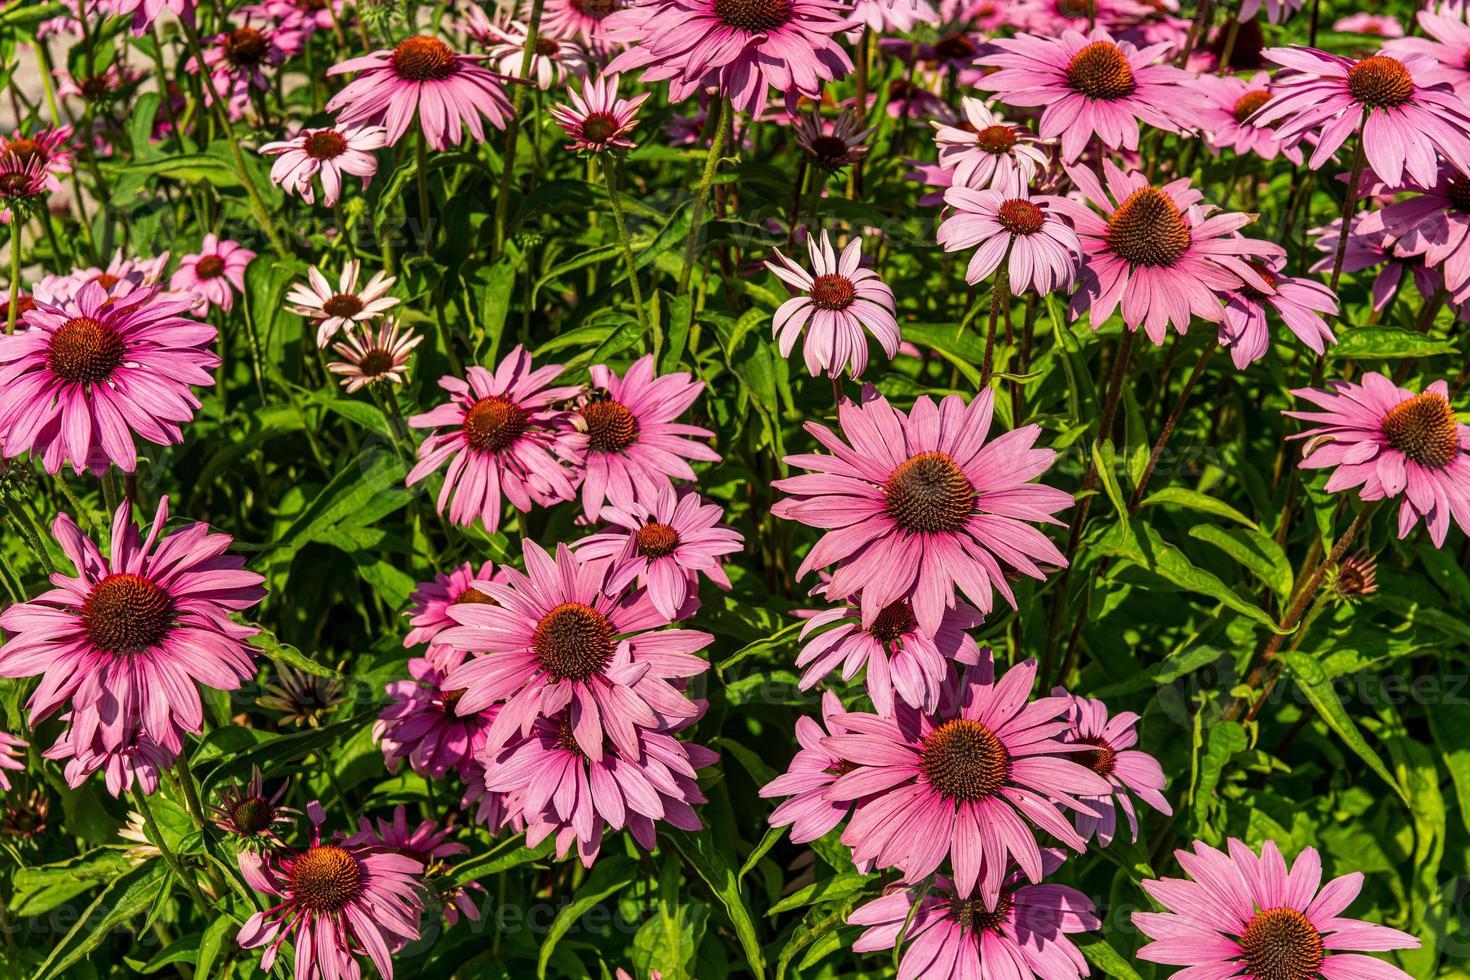 gruppo di coneflowers rosa foto